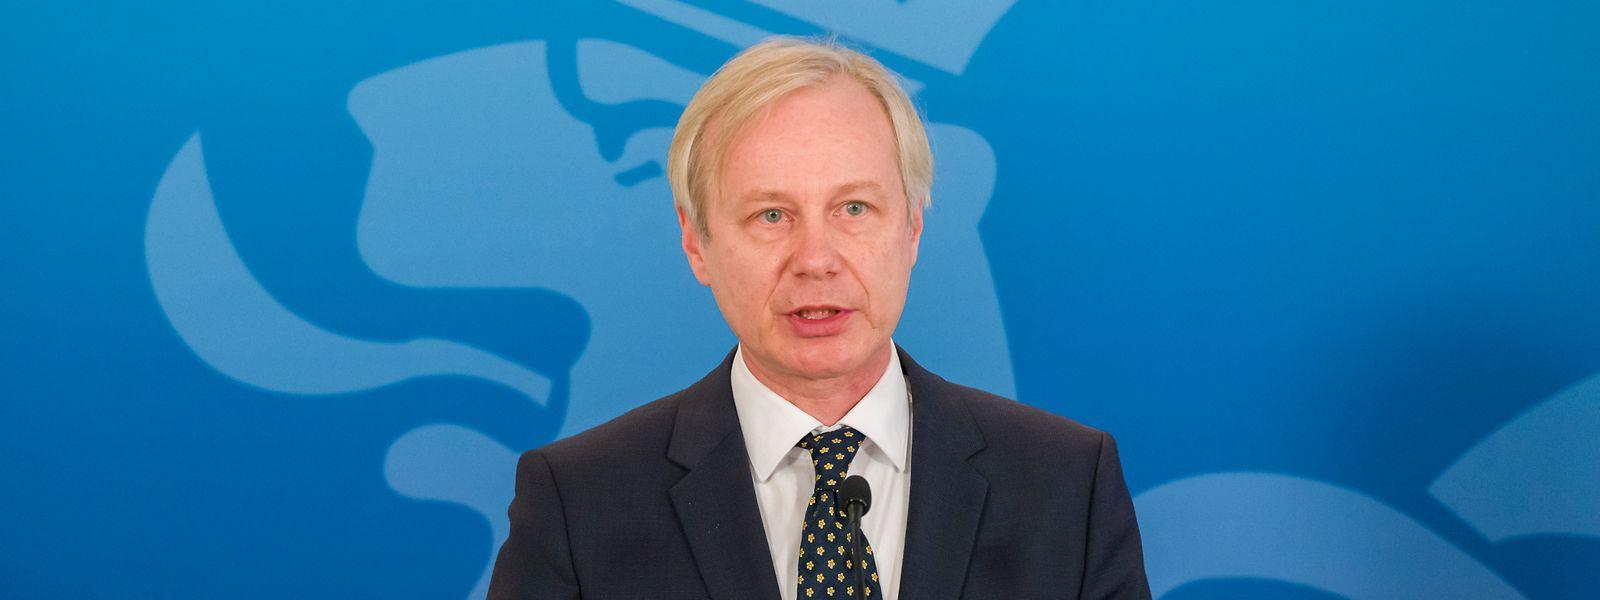 Pour le Dr Schmit, président de l'AMMD, il est temps de reprendre les négociations entre médecins et ministère de la Santé